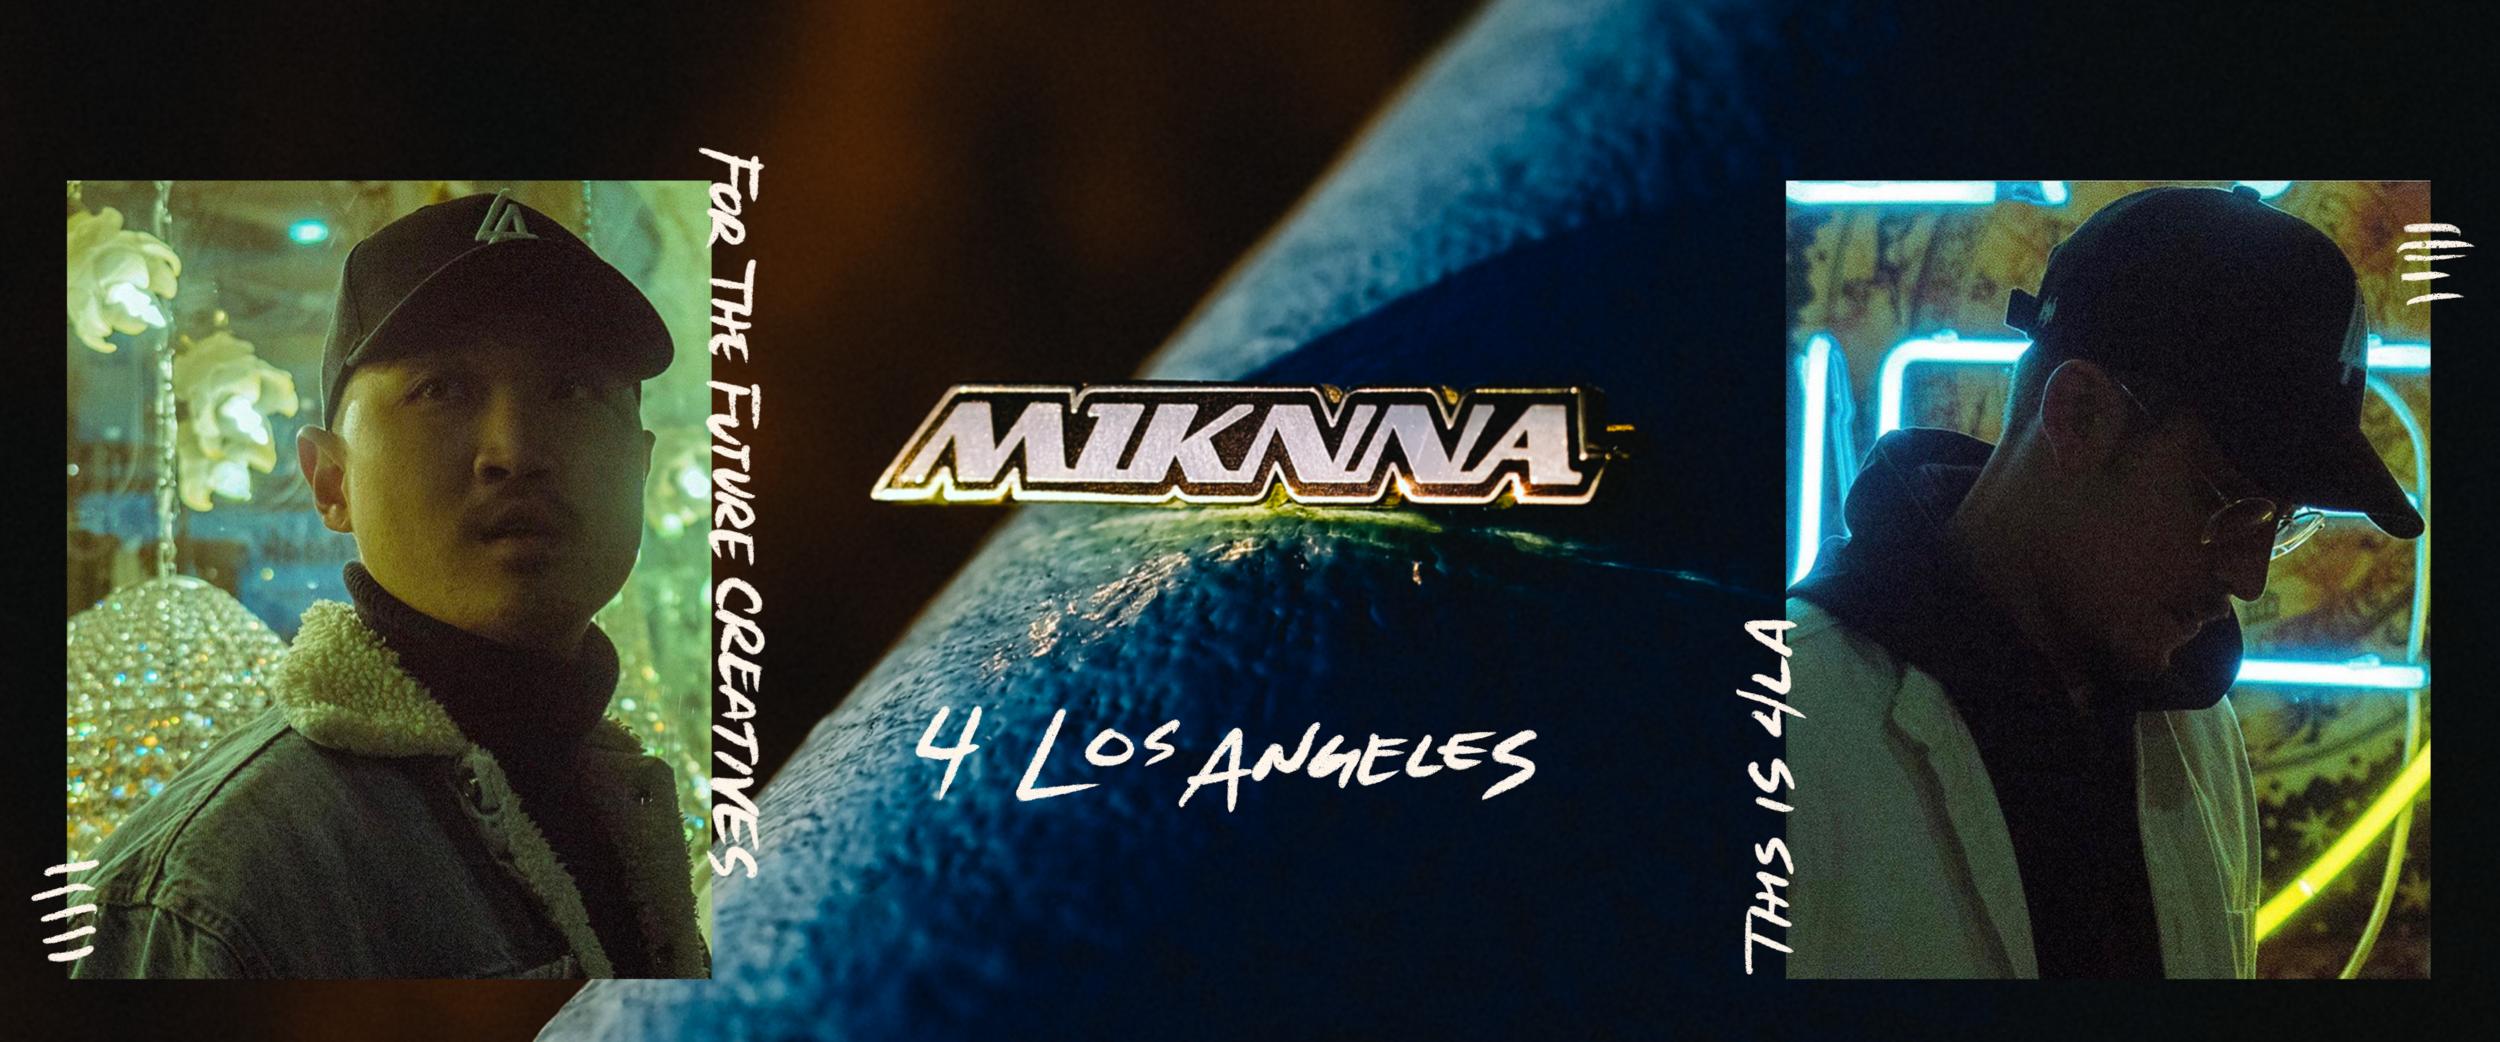 MIKNNA 4LA banner.png